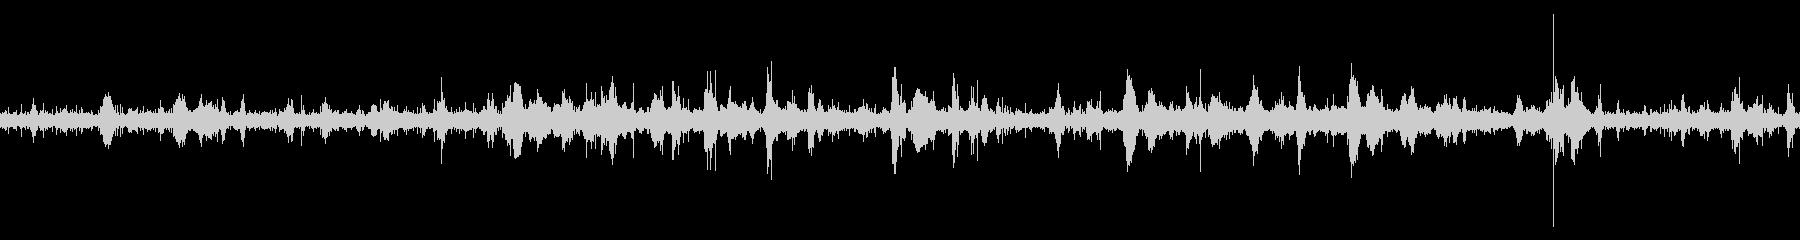 大浜海岸の波の音 8 【徳島】ループの未再生の波形